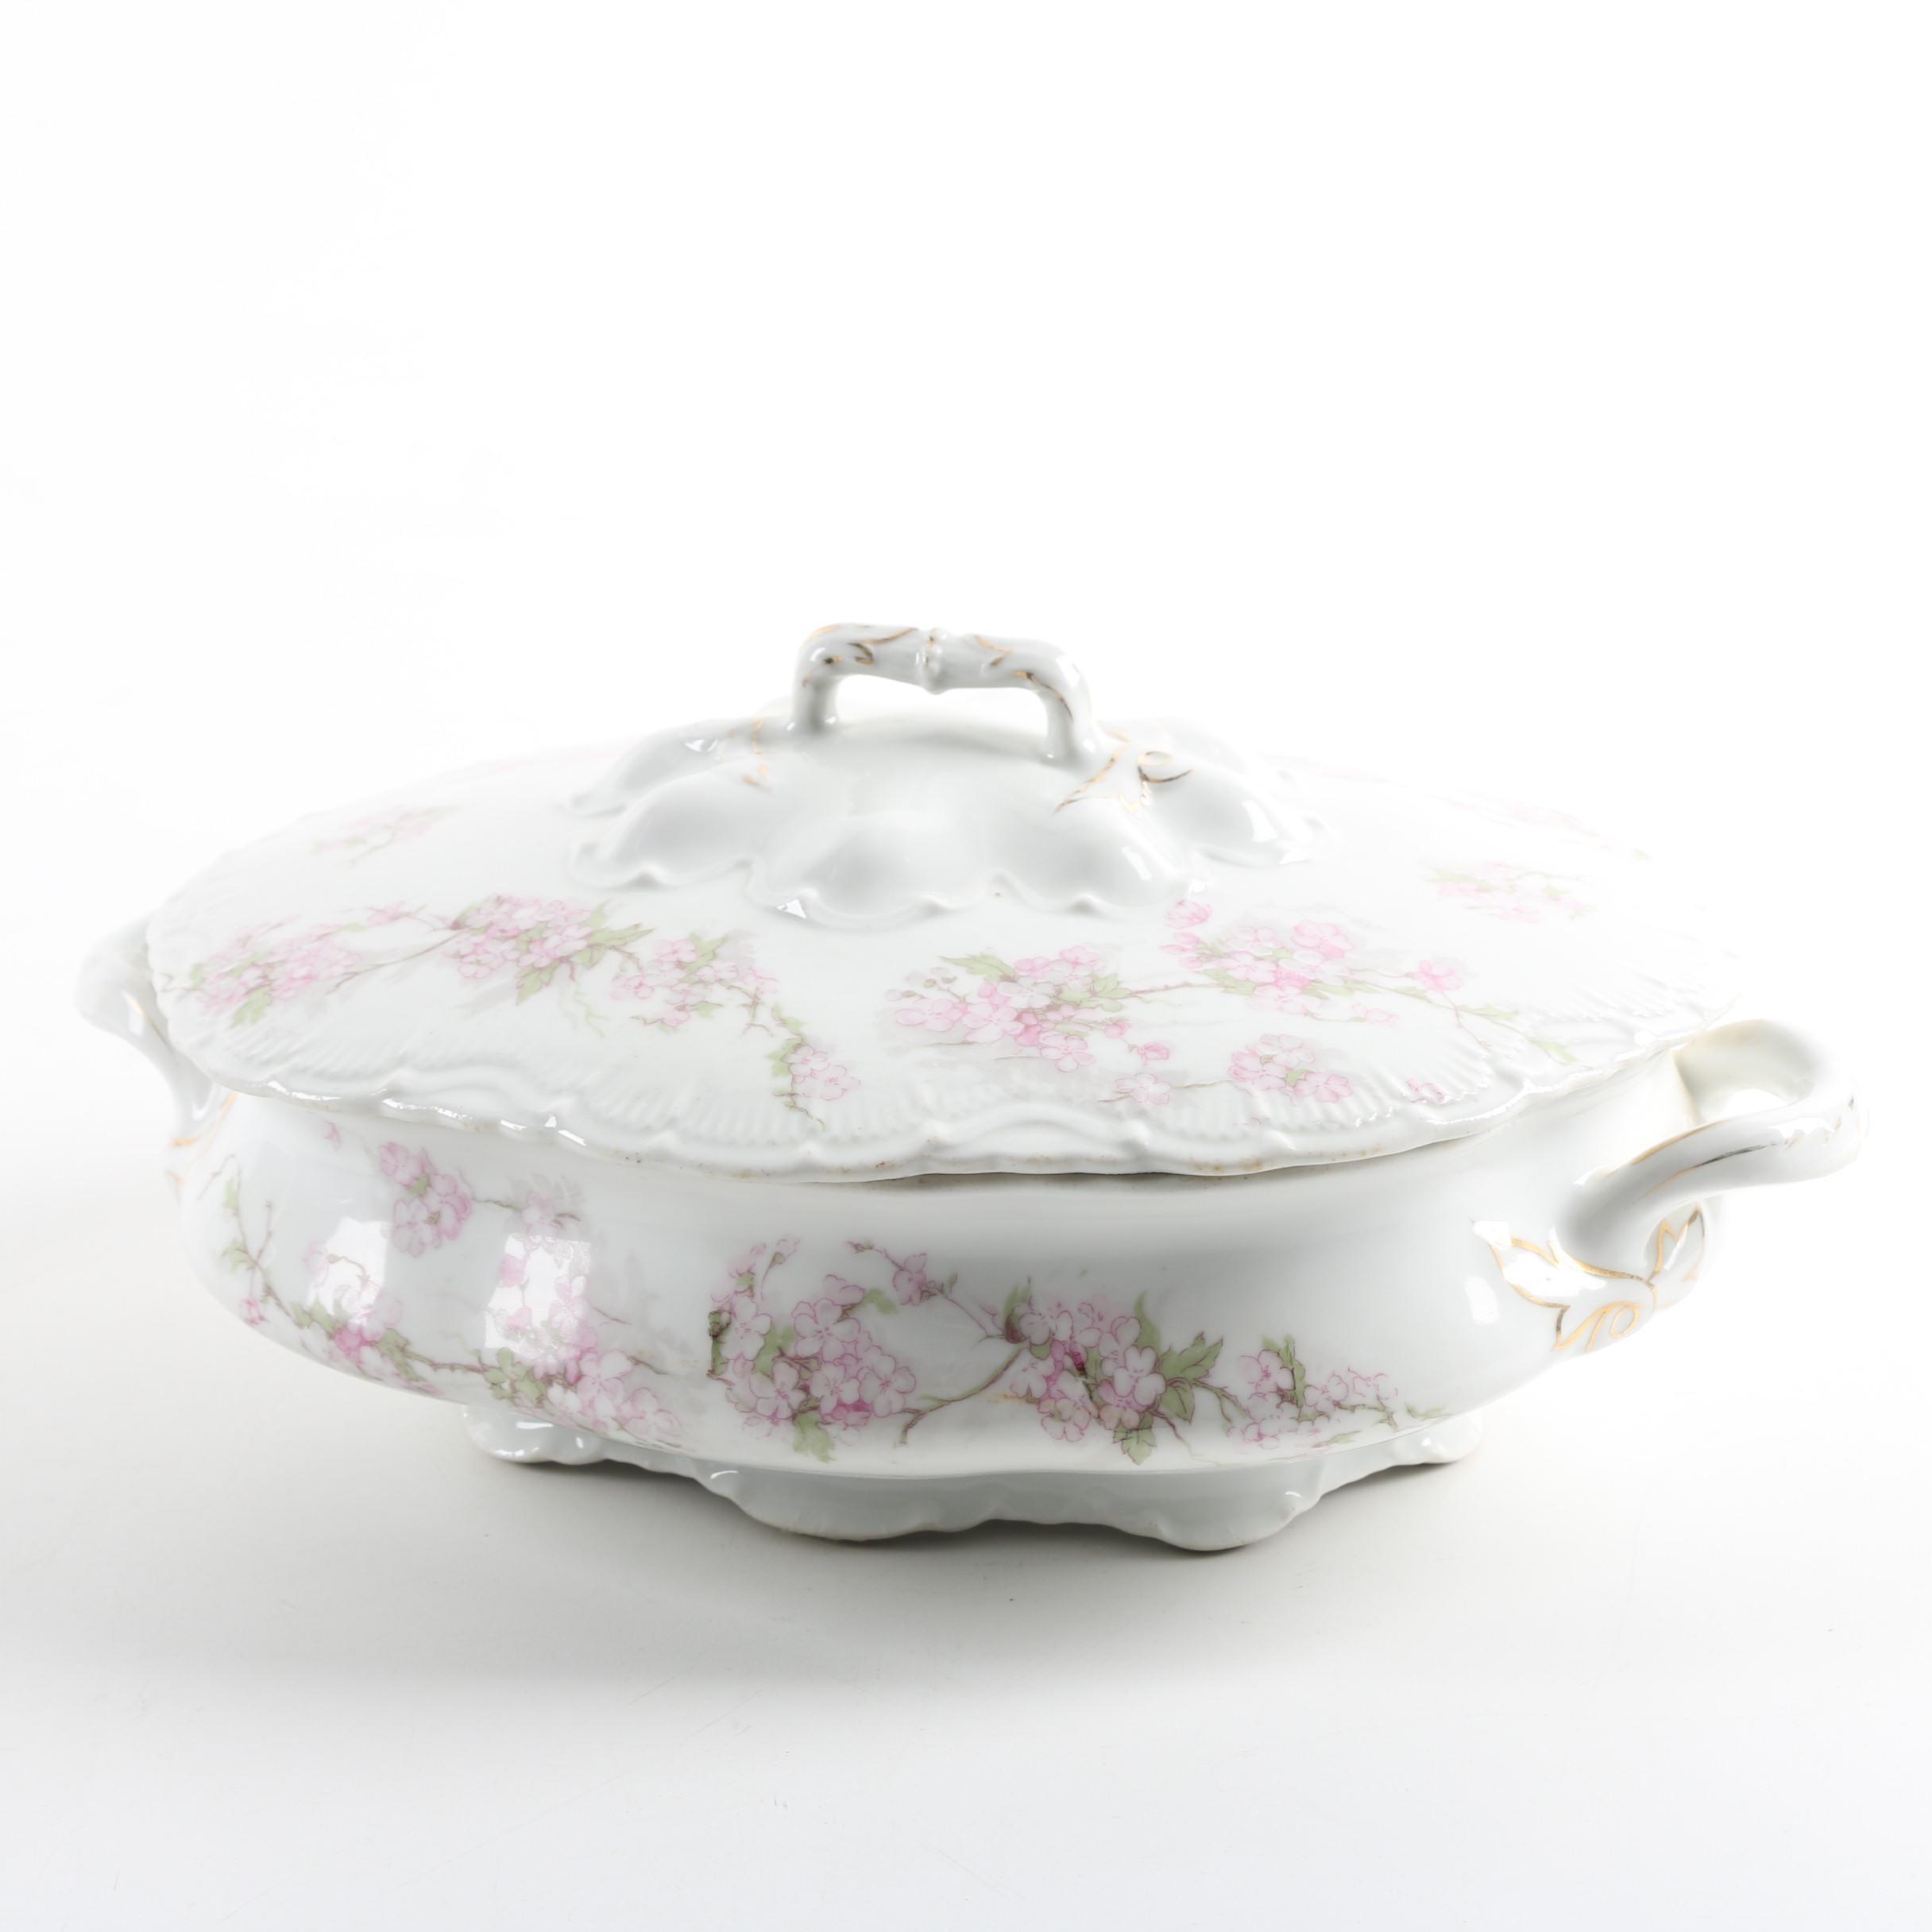 Antique Floral Porcelain Covered Vegetable Bowl ca. 1890-1908